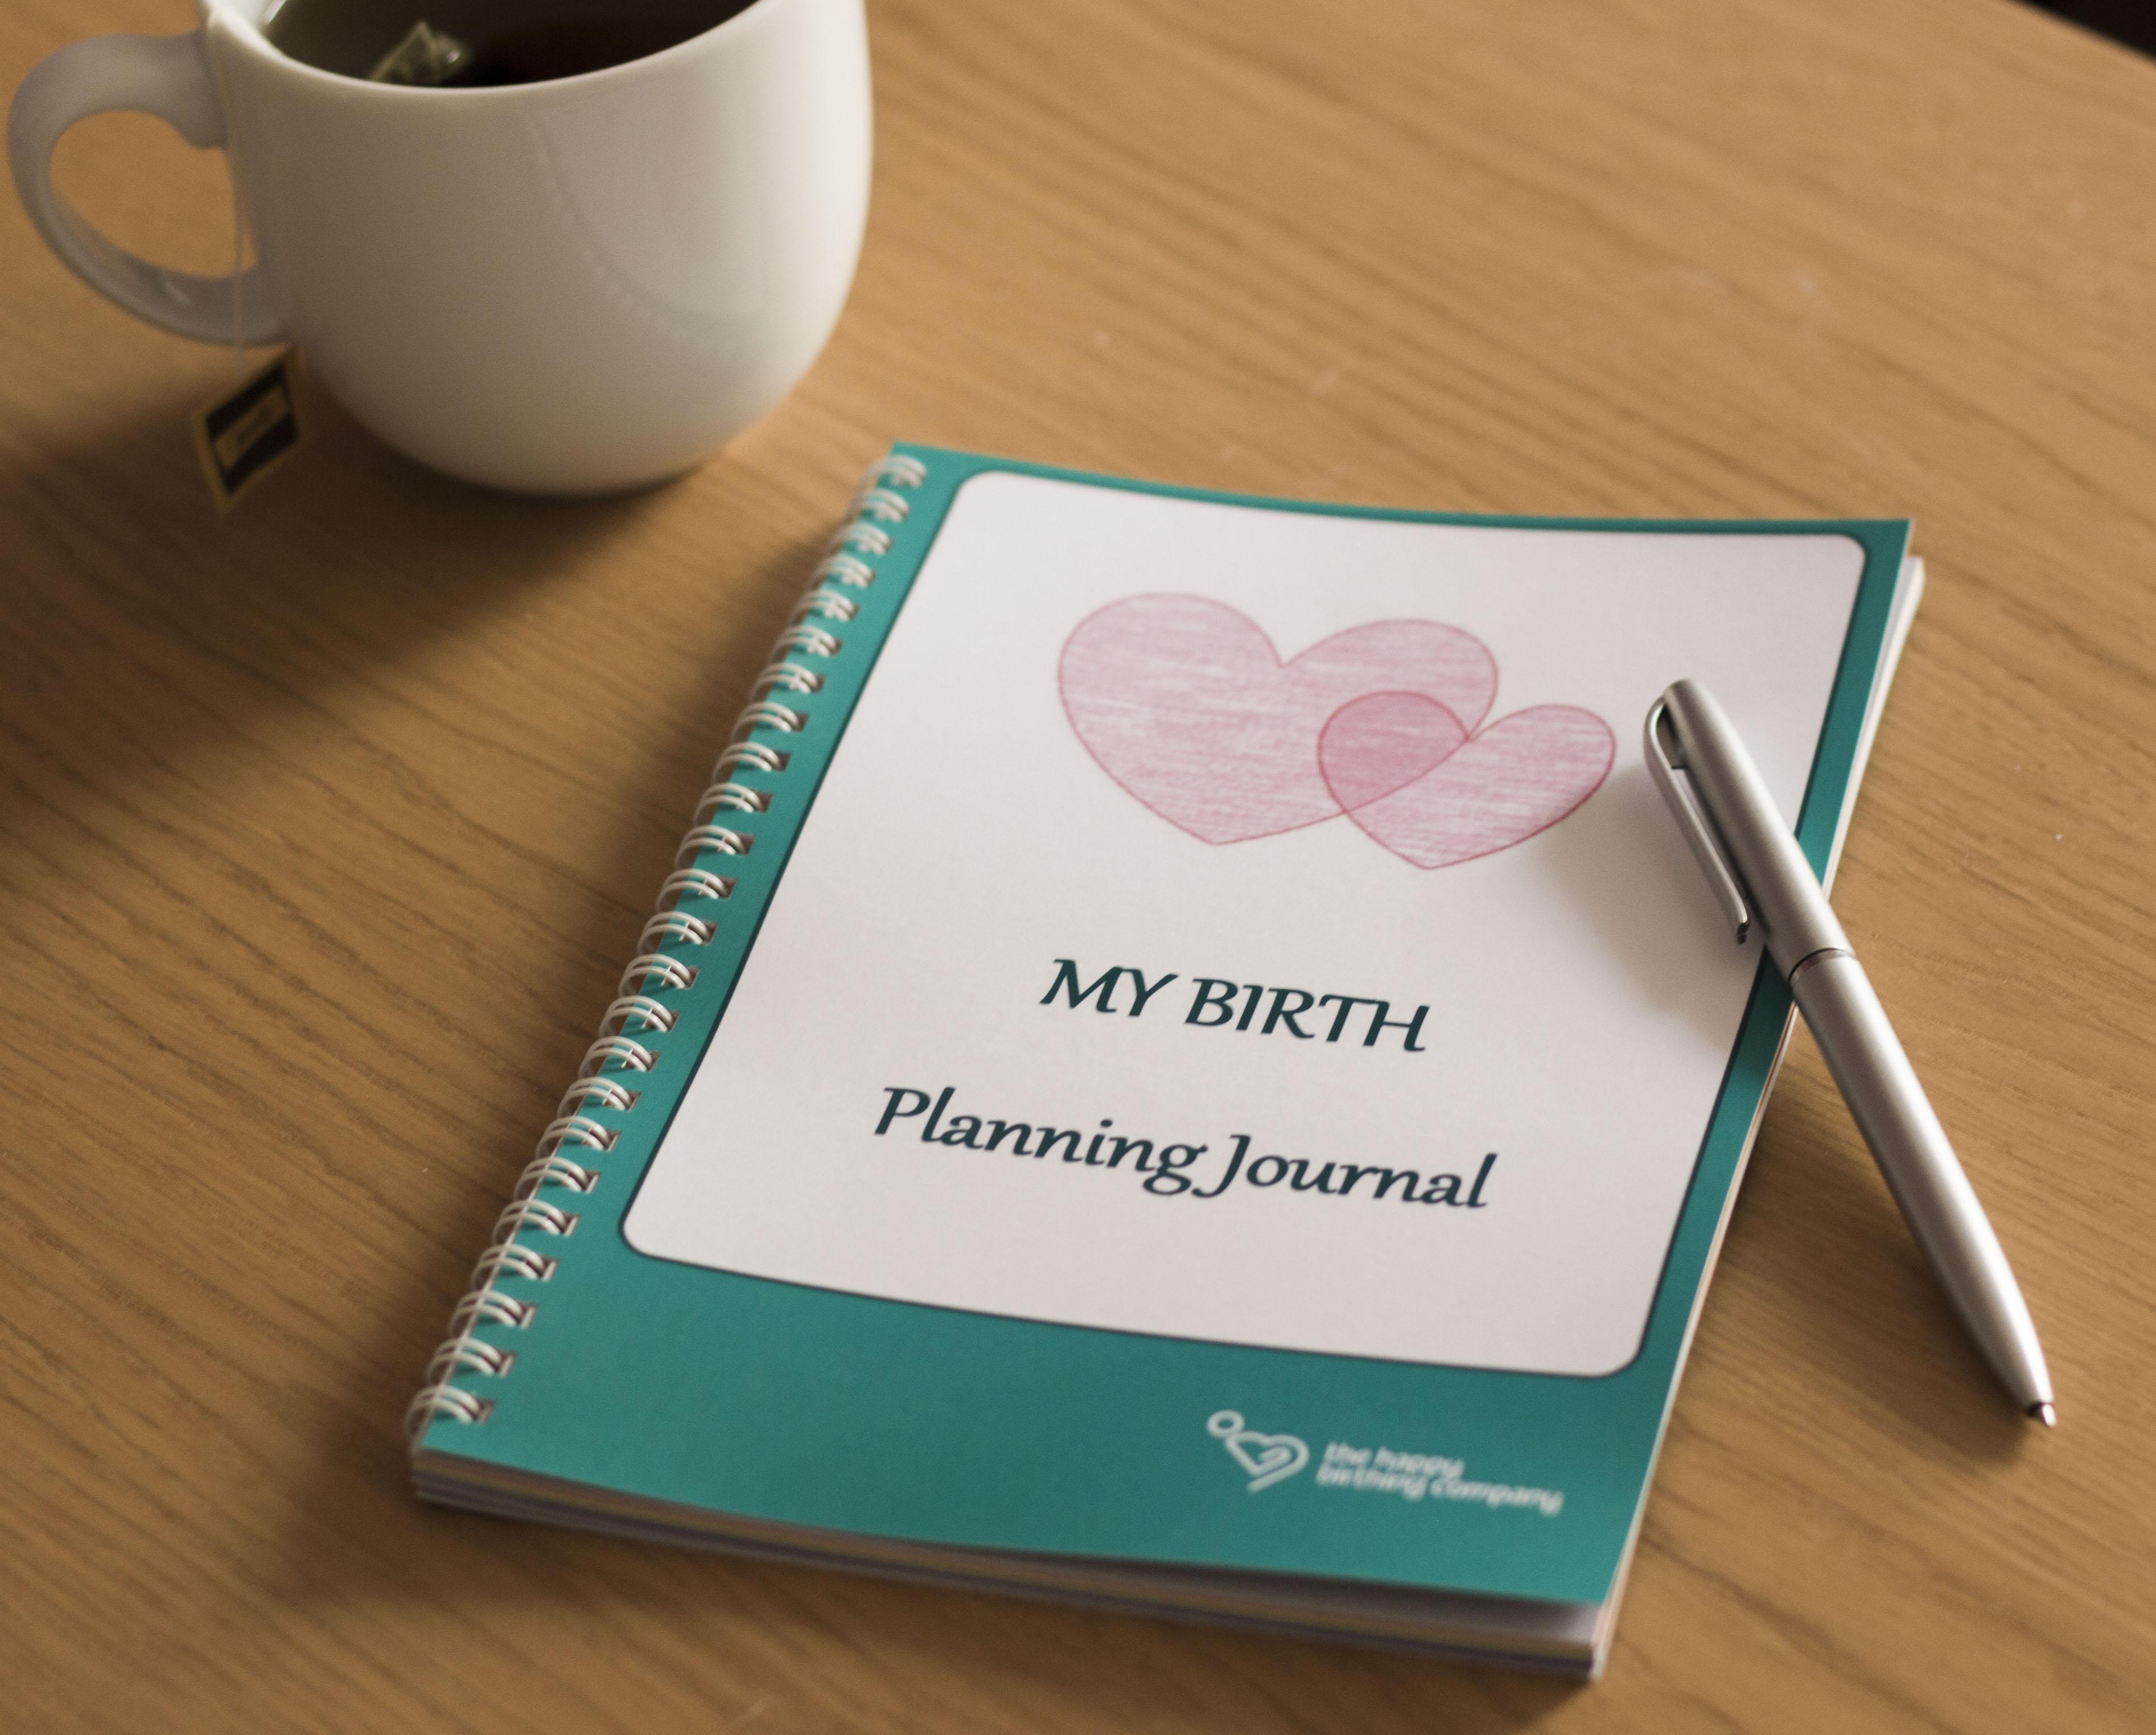 MY BIRTH Planning Journal